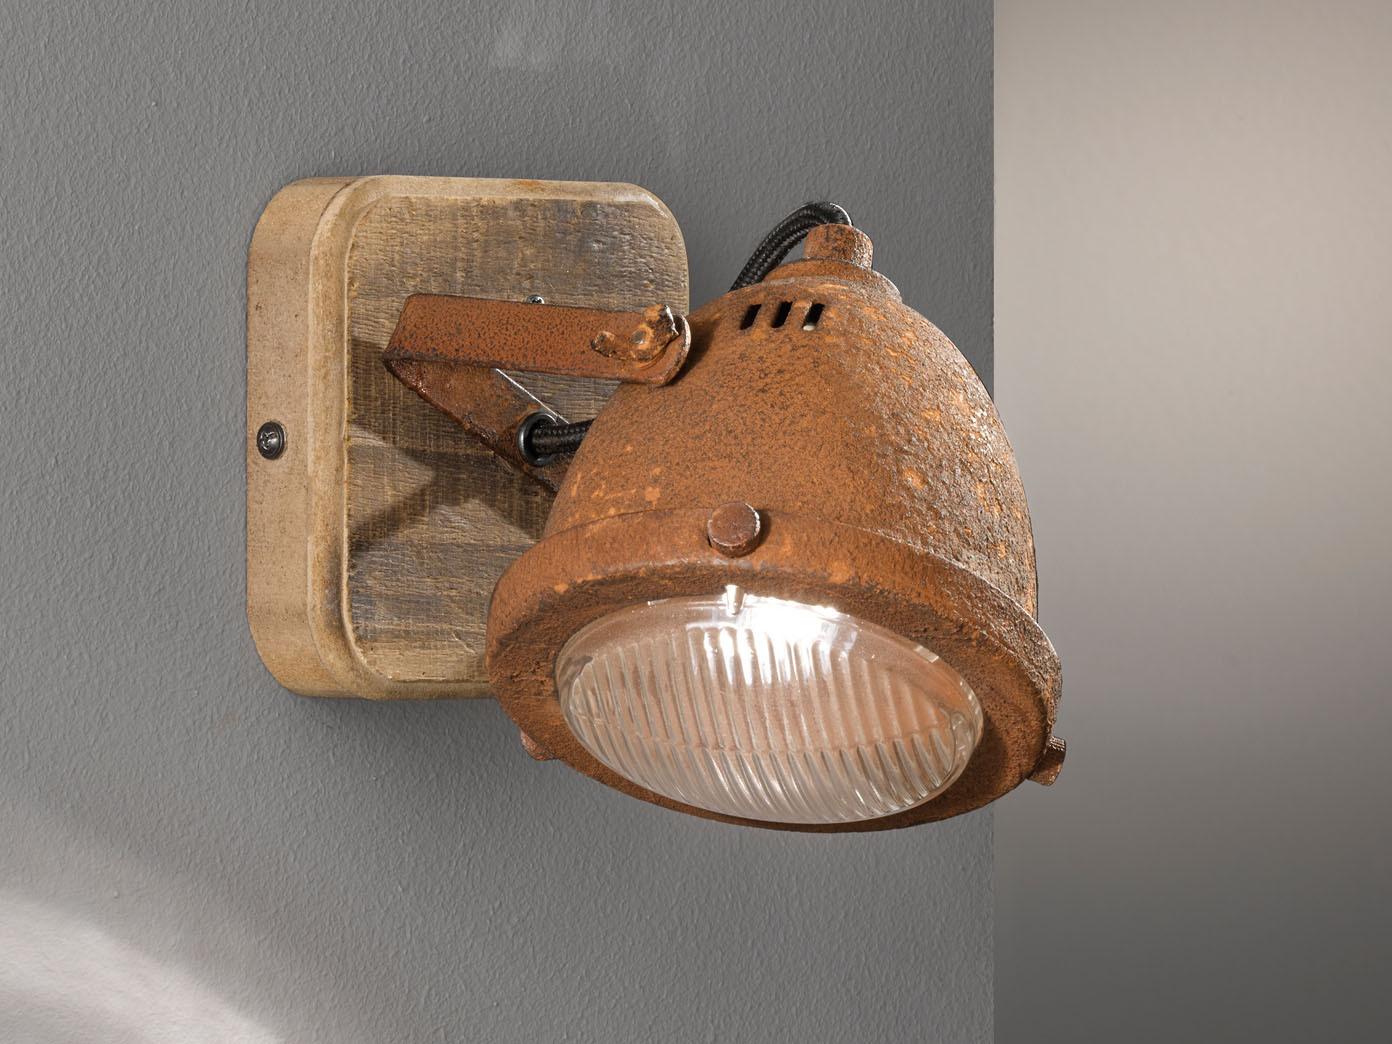 Full Size of Deckenlampe Industrial Style Bro Schreibwaren 4flammiger Esstisch Schlafzimmer Wohnzimmer Deckenlampen Für Bad Modern Küche Wohnzimmer Deckenlampe Industrial